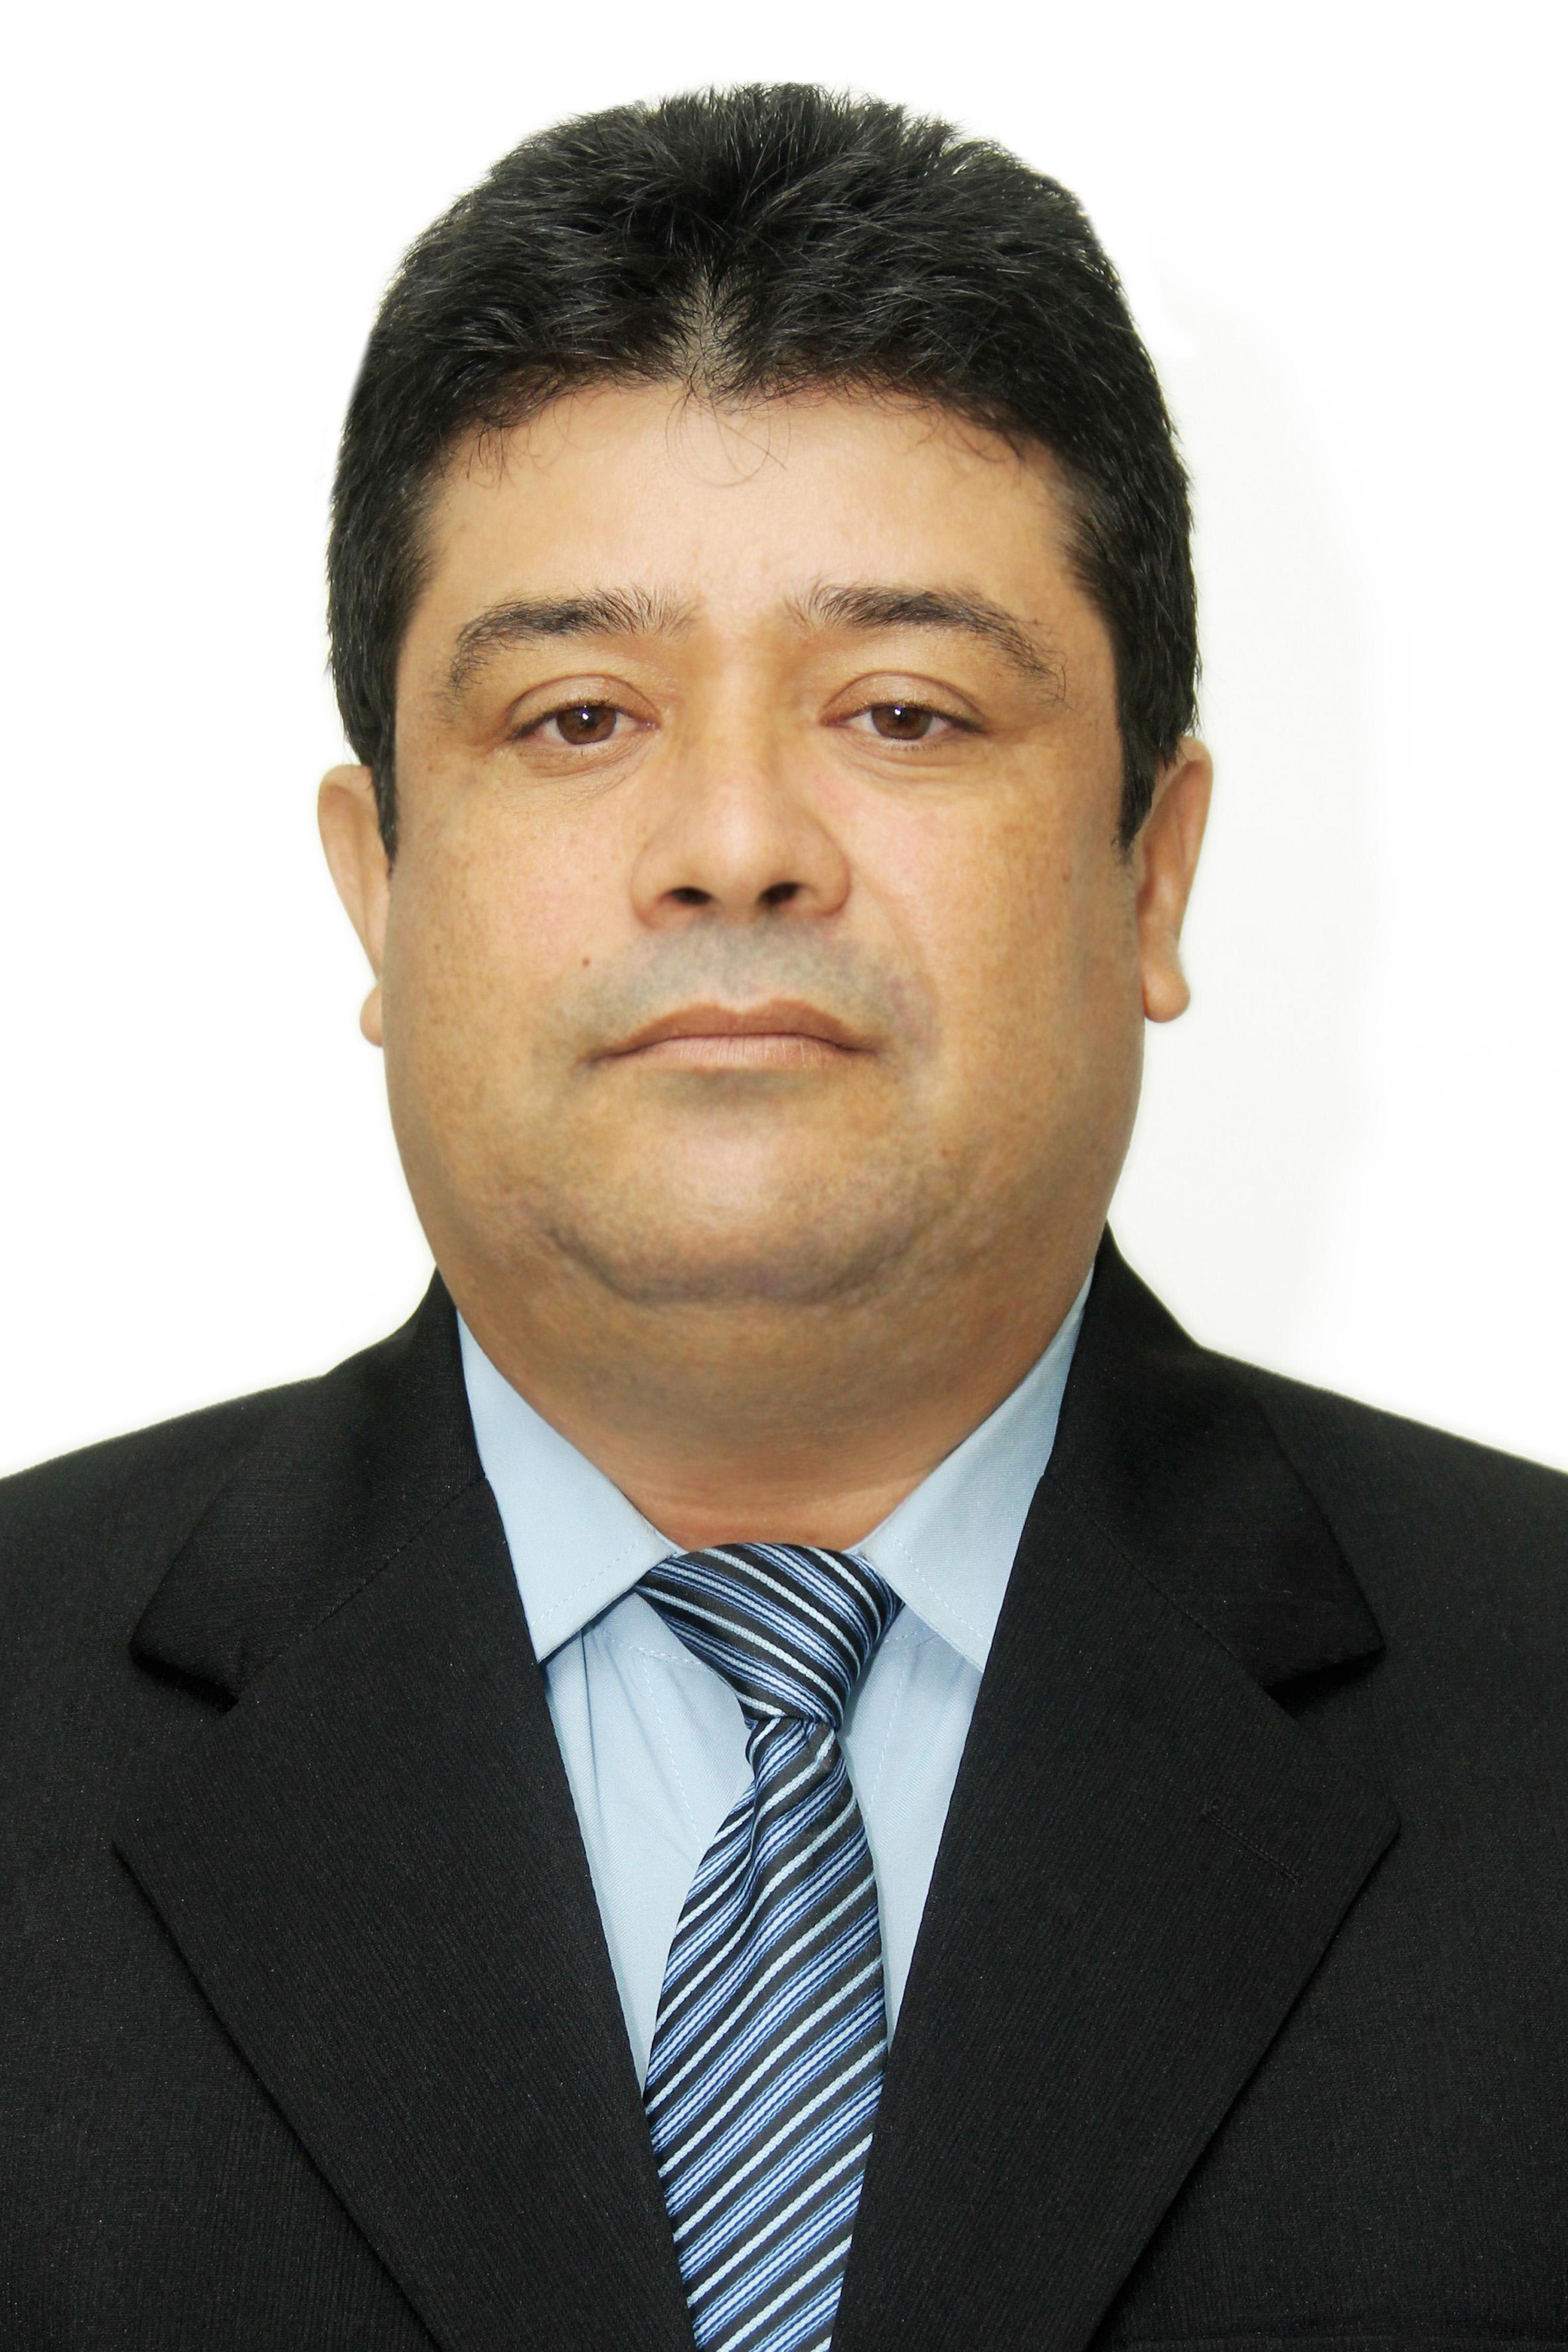 Antonio Carlos de Melo